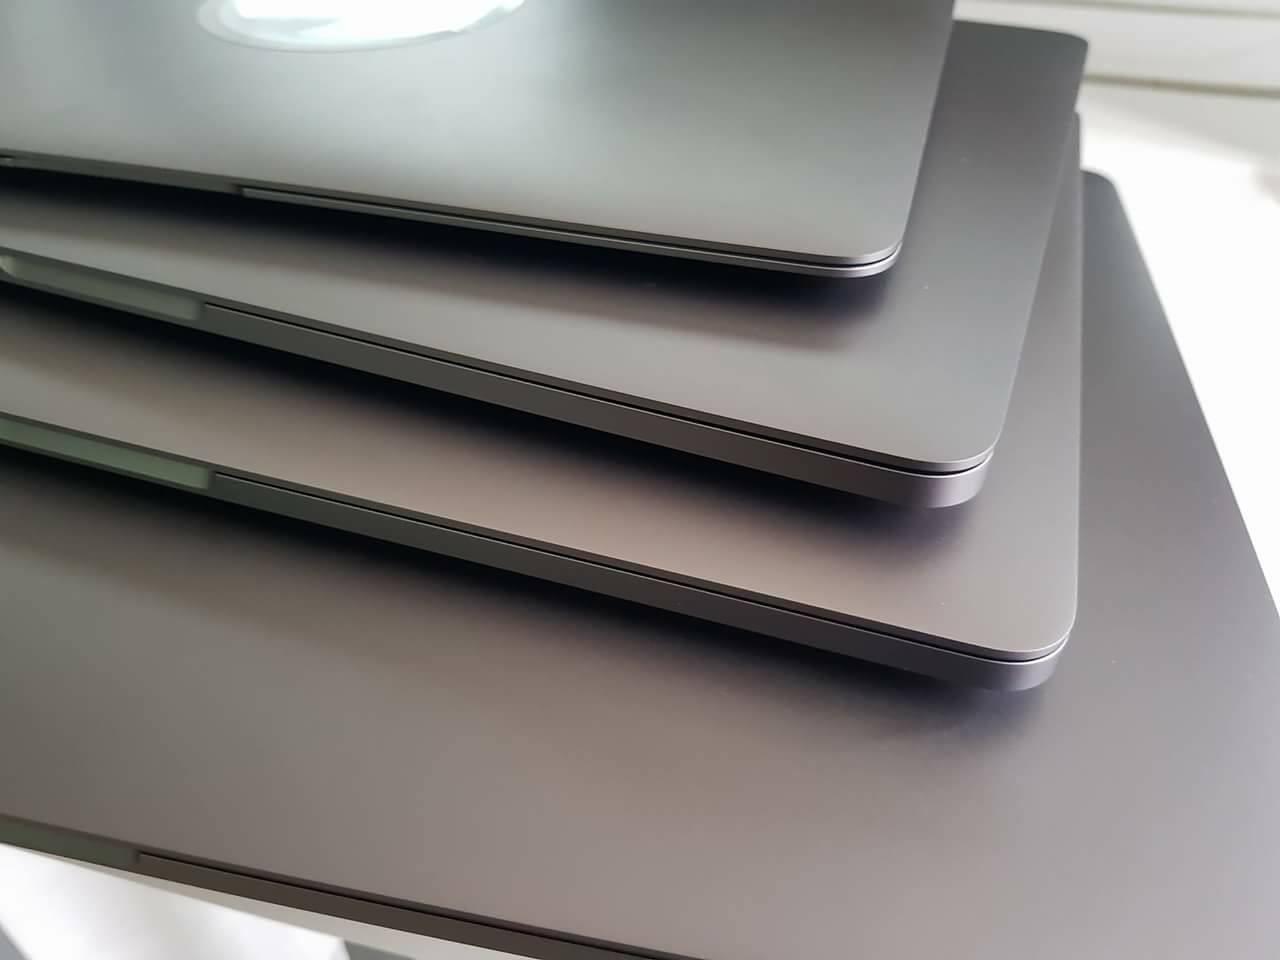 Macbook Pro 15 Touch Bar 256GB (2016) bảo hành chính hãng Apple Care